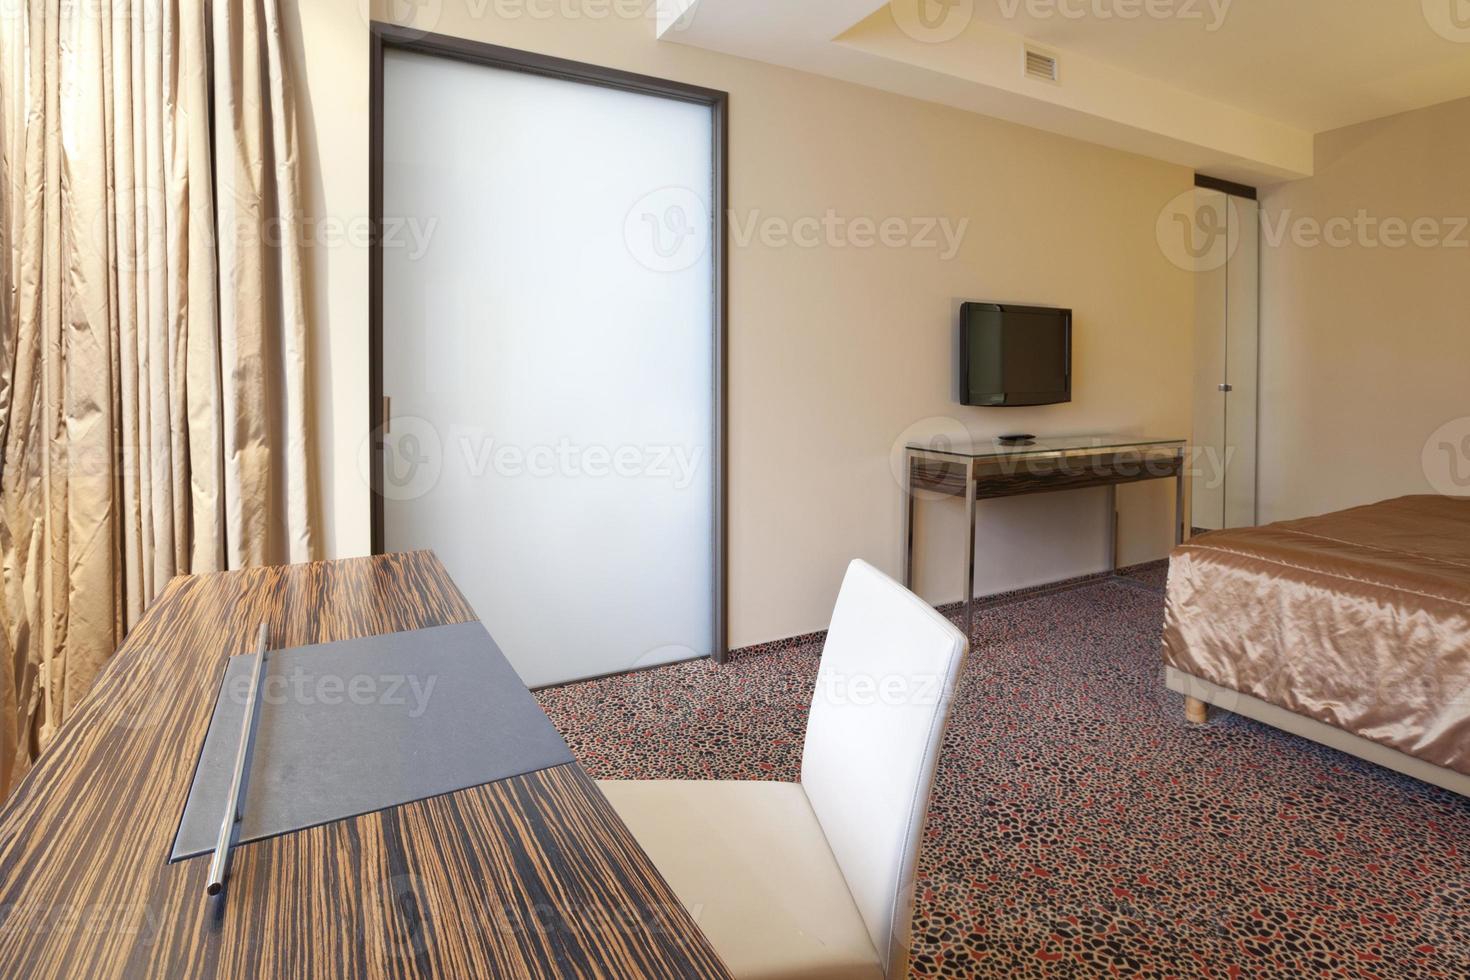 bureau et chaise dans une chambre d'hôtel de luxe moderne photo